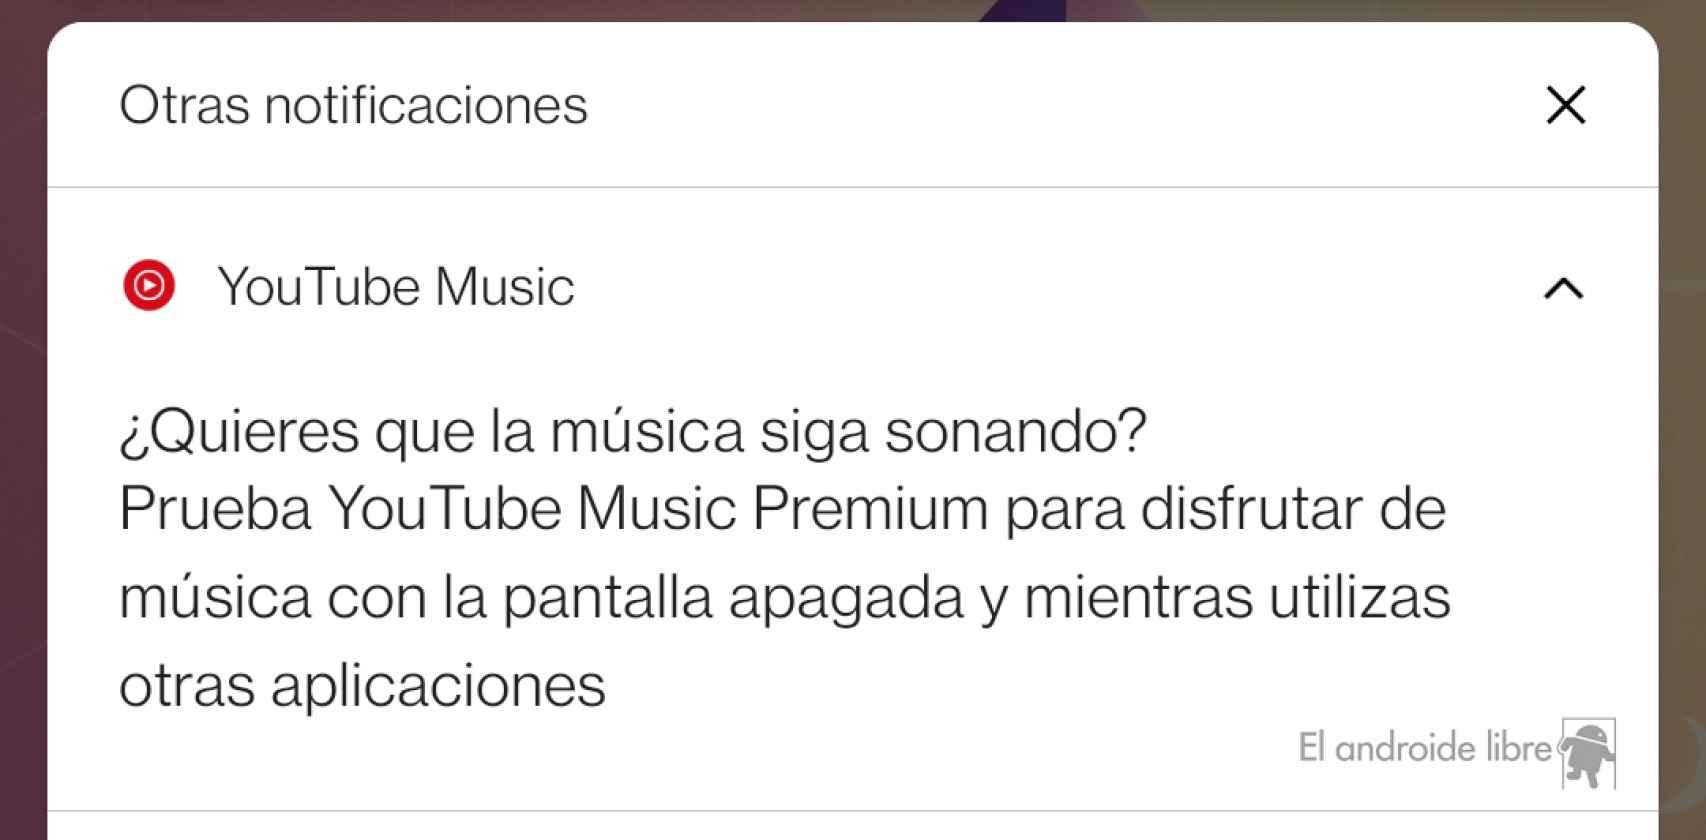 Mensaje actual de Youtube Music en su versión gratuita cuando no tenemos la app en primer plano